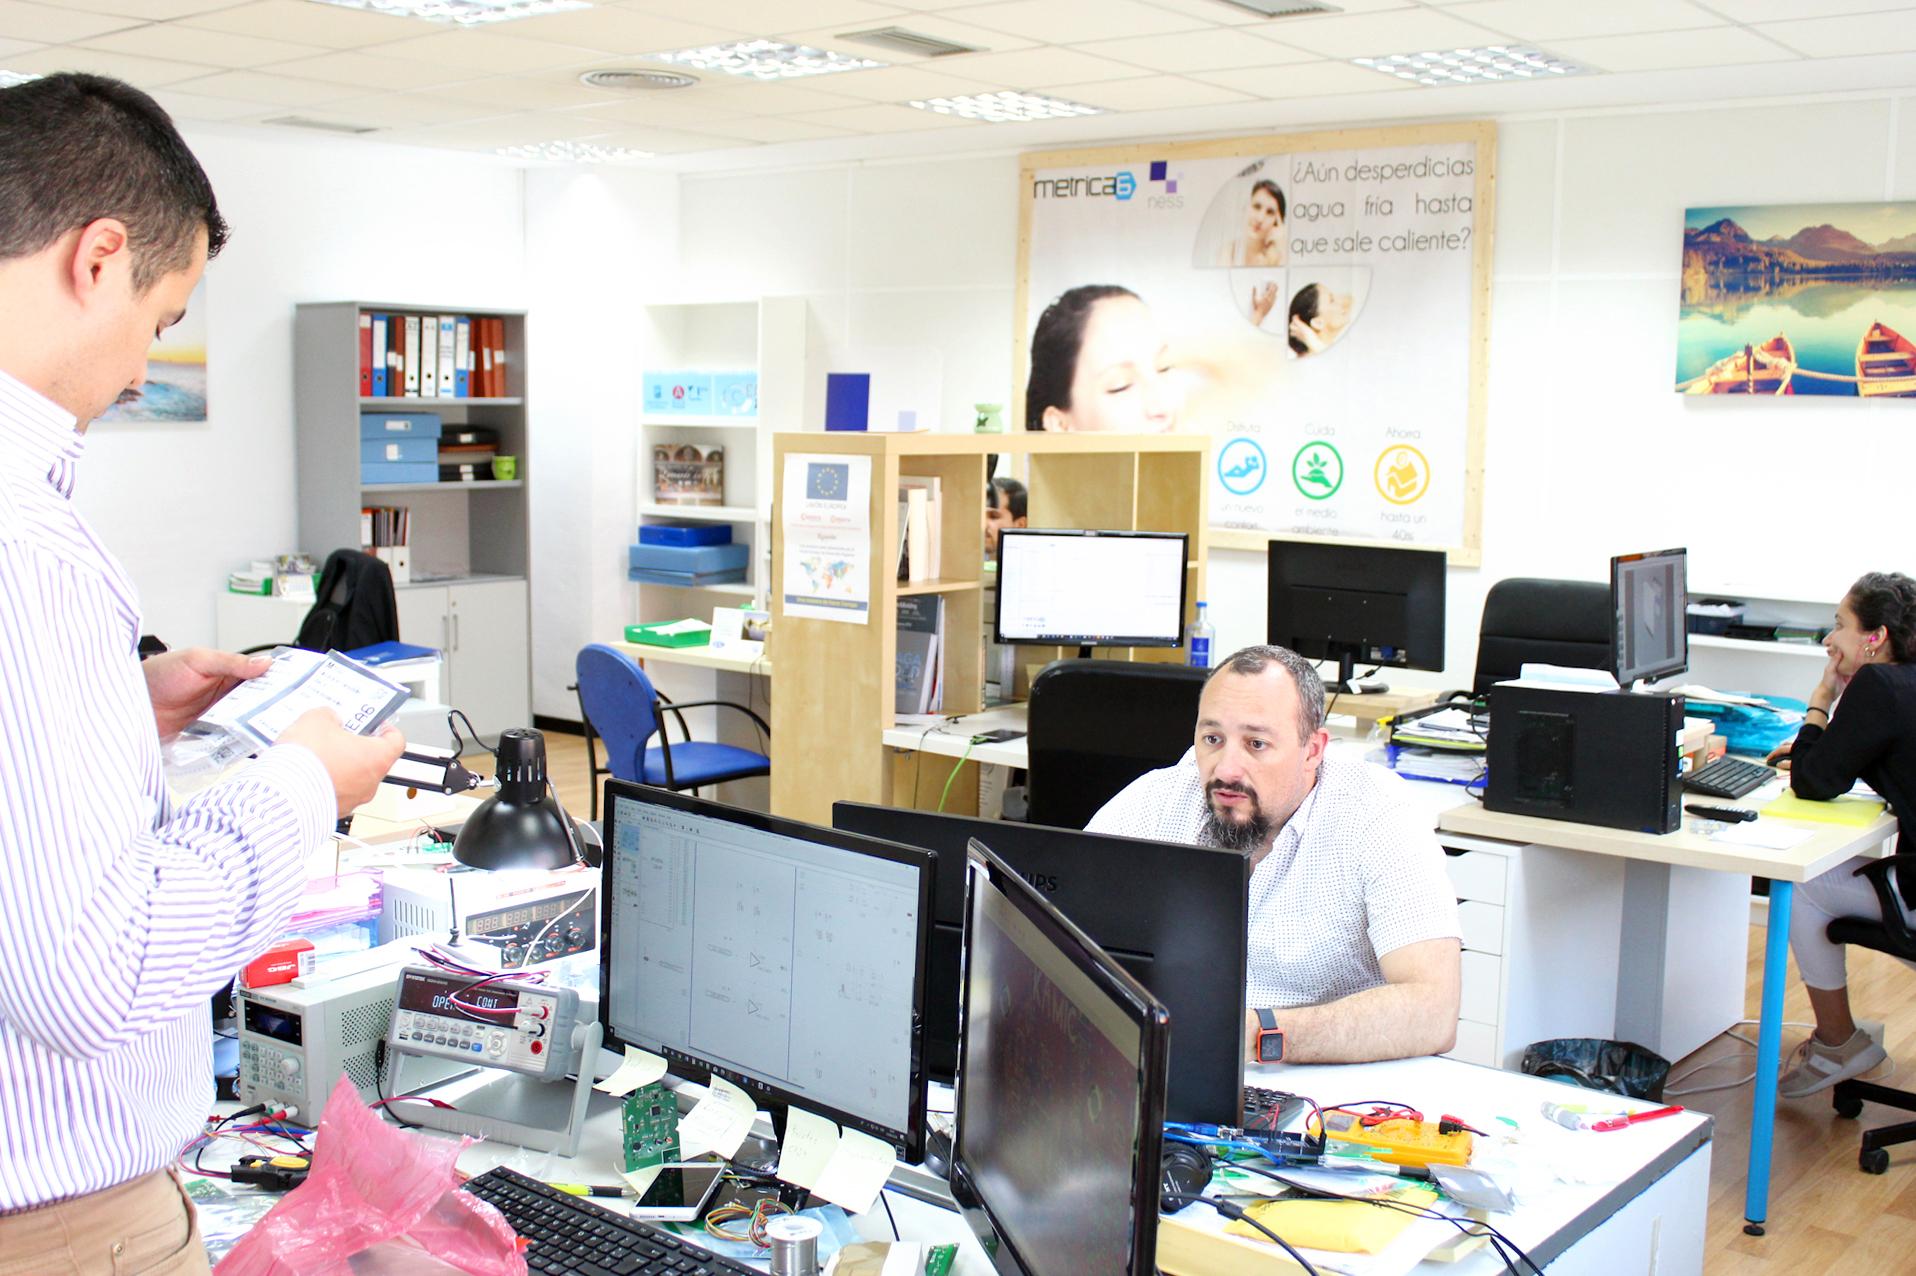 Oficina de Métrica6 Diseño de producto, desarrollo, I+D+i, innovación, ingeniería, consultoría